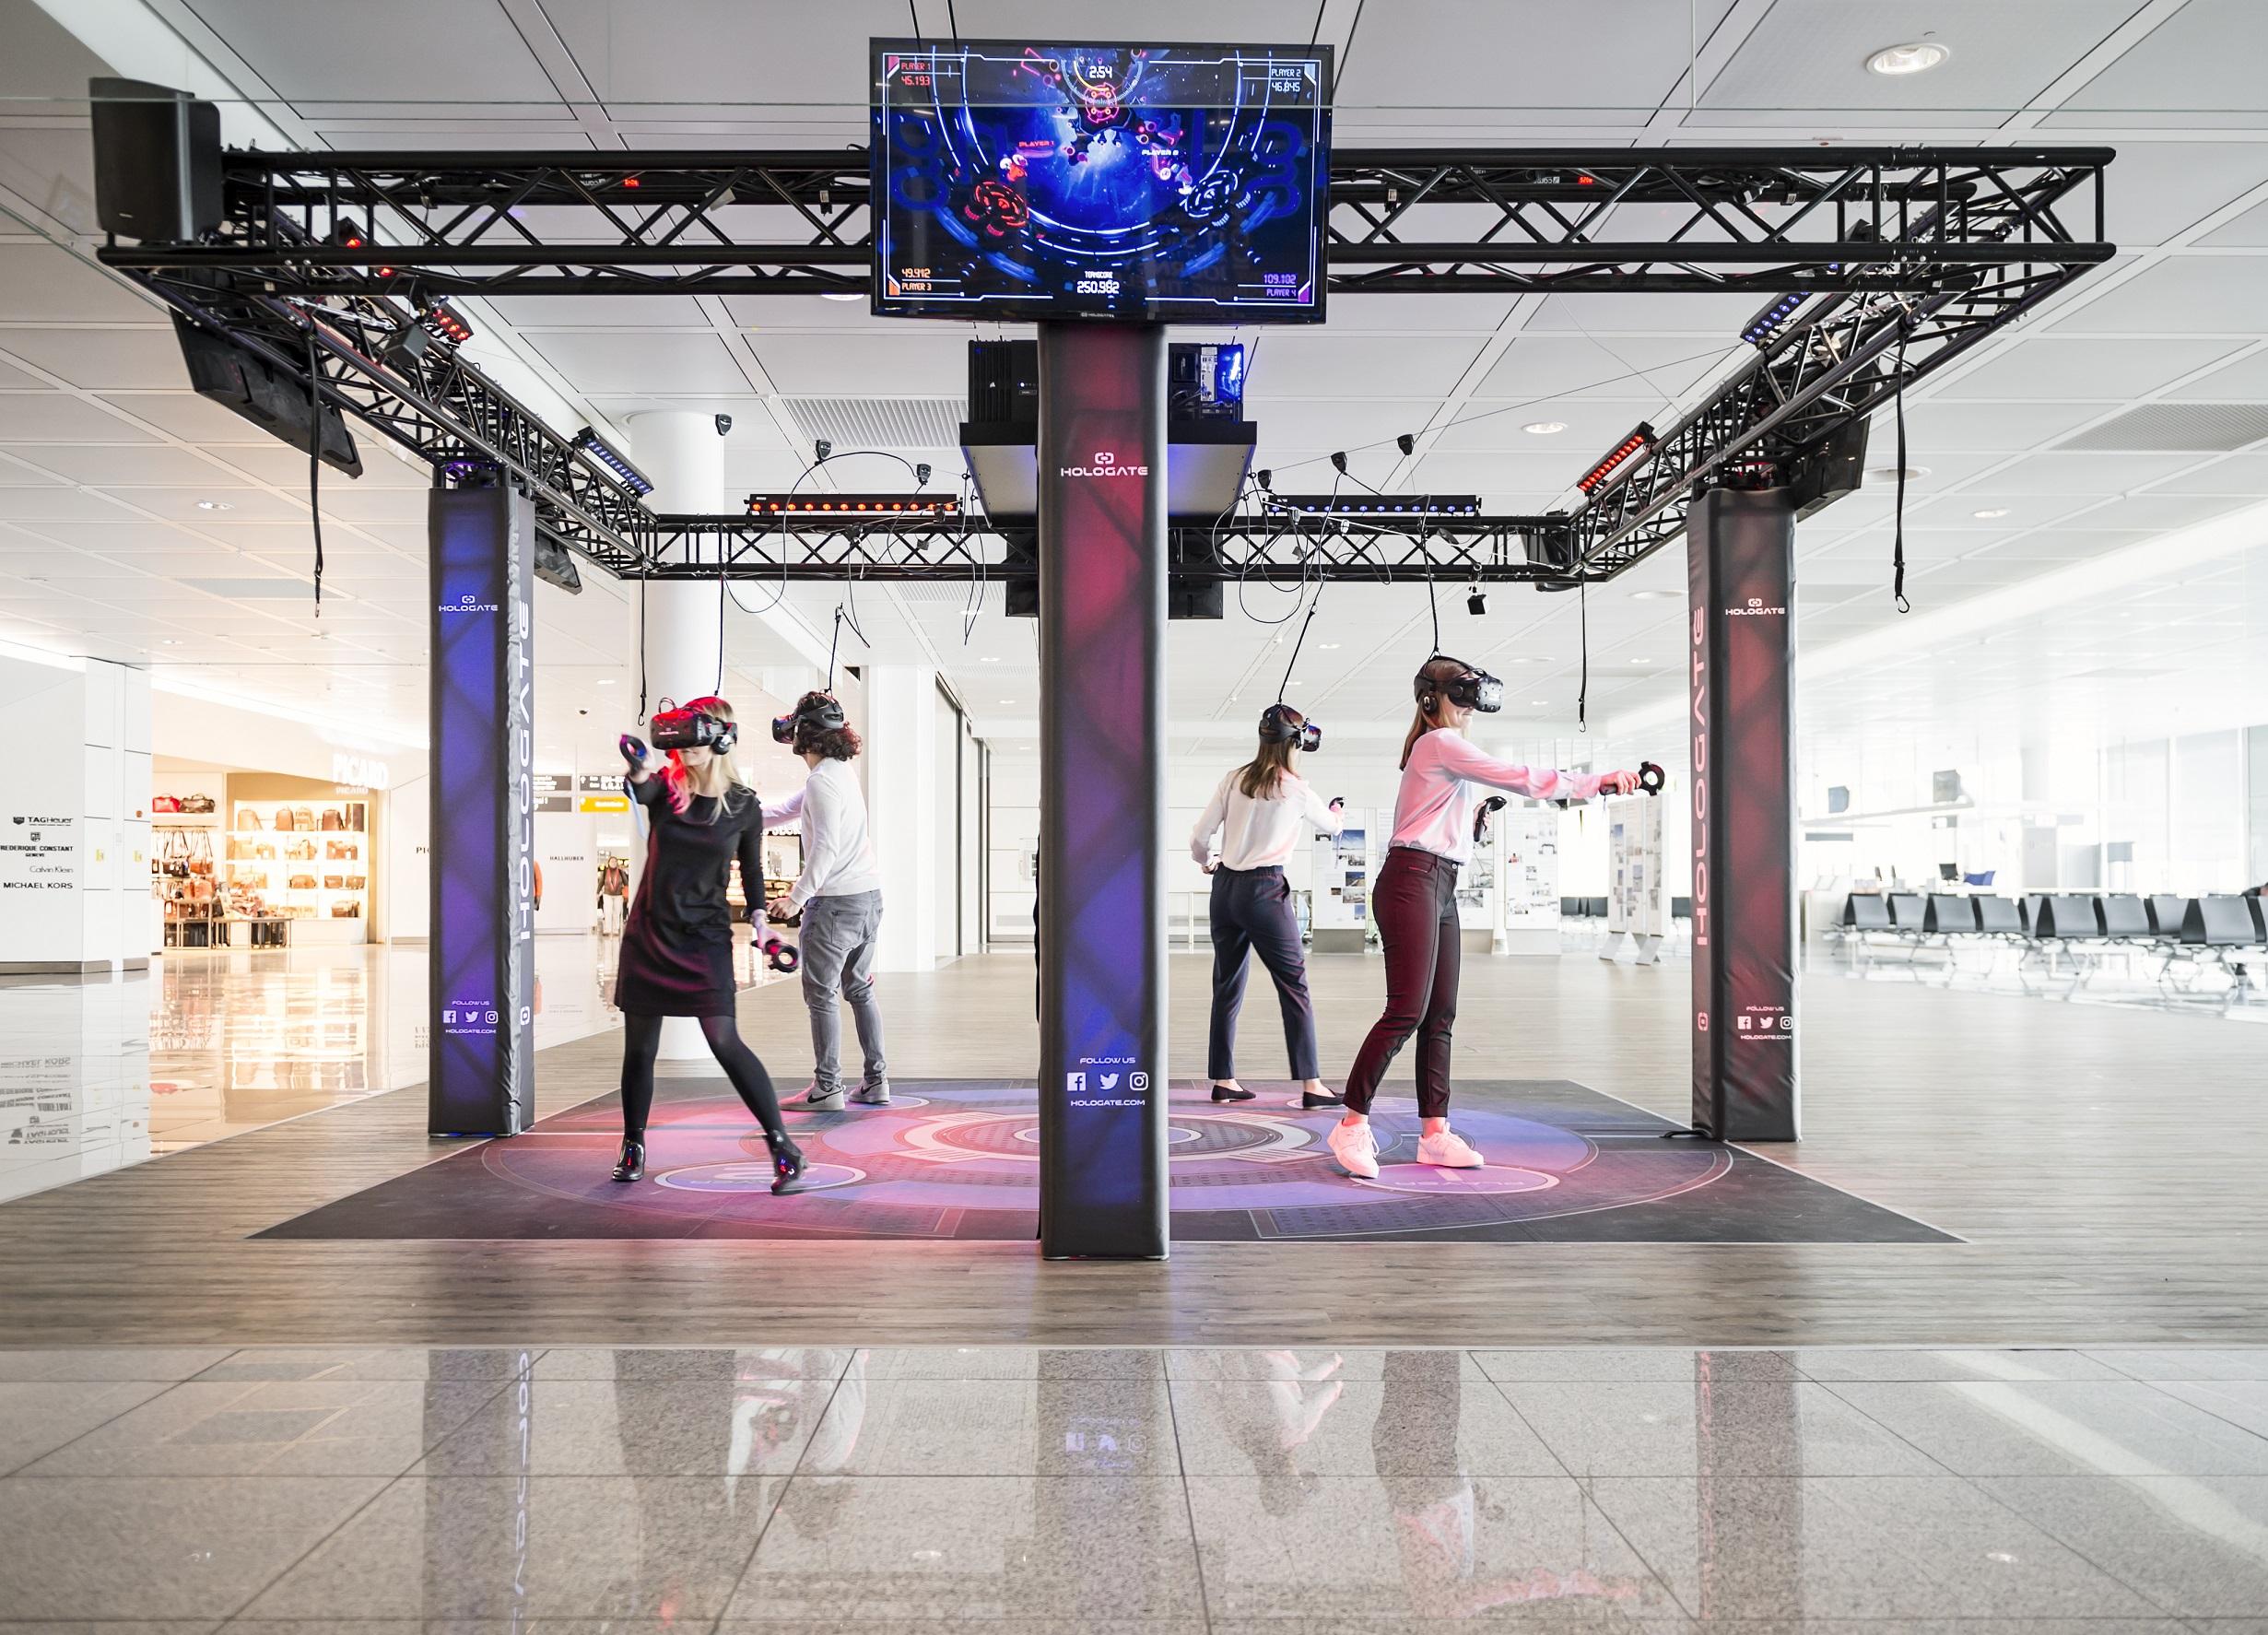 Satellitengebäude des Münchner Flughafens als Startplatz in die virtuelle Realität